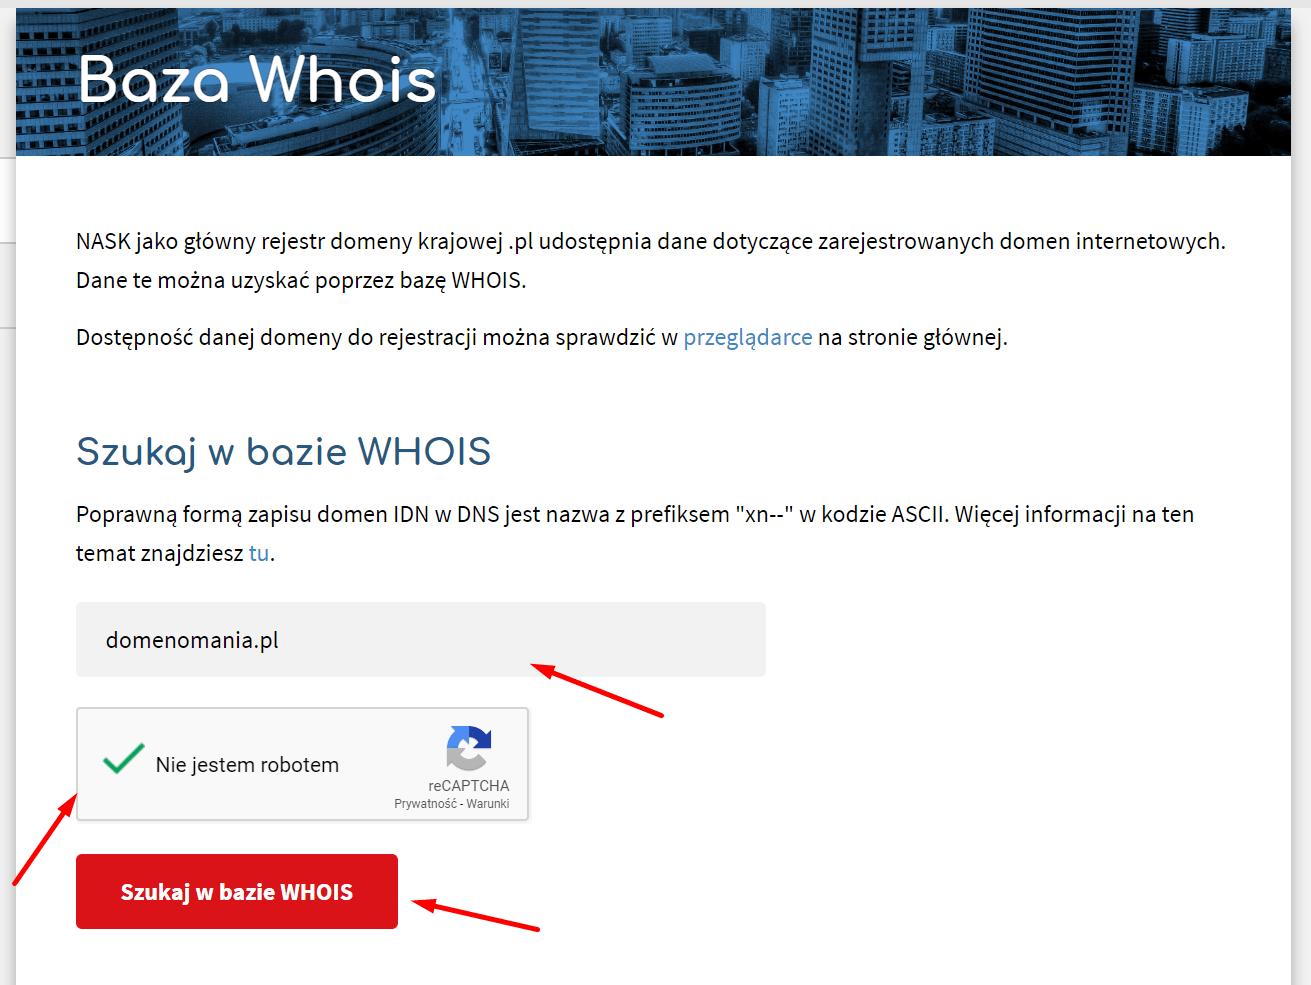 Jak znaleźć w bazie WHOIS właściciela domeny?